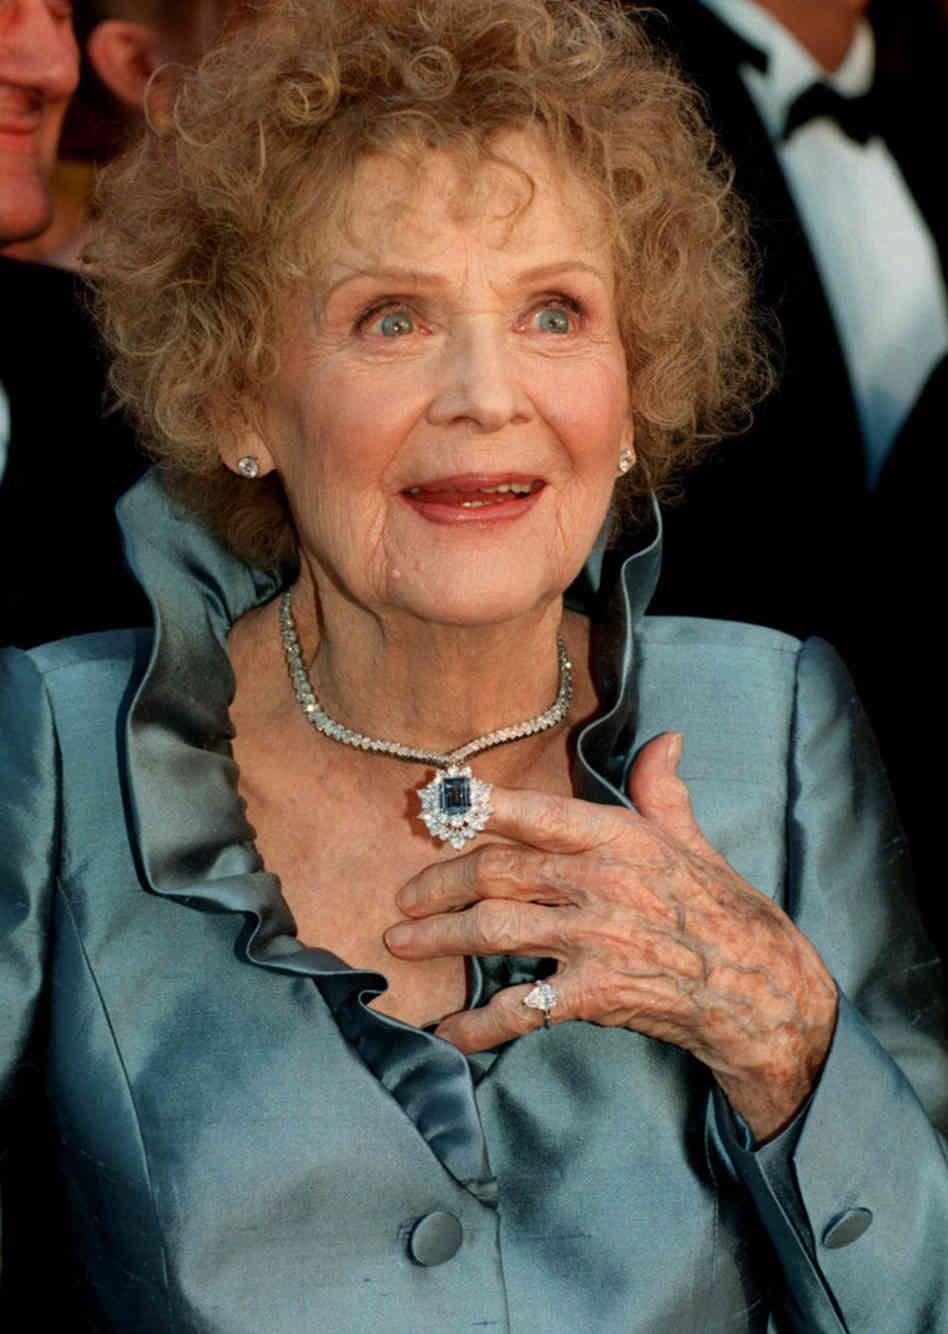 Starsza kobieta w niebieskiej sukience i naszyjniku z niebieskim diamentem